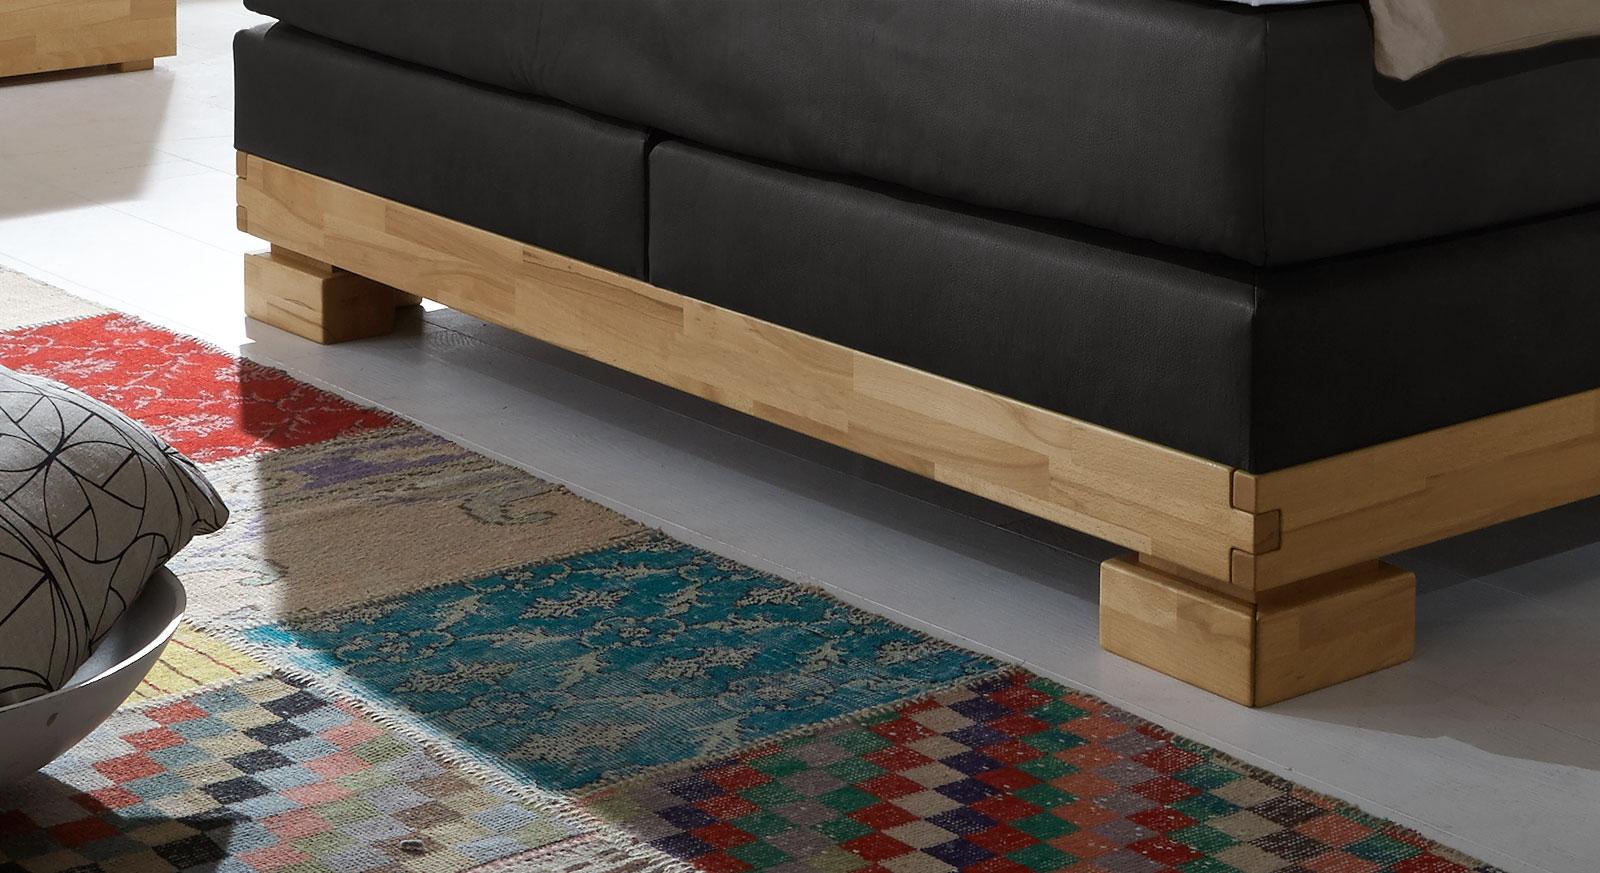 Boxspringbett Viterbus mit robusten blockartigen Bettfüßen